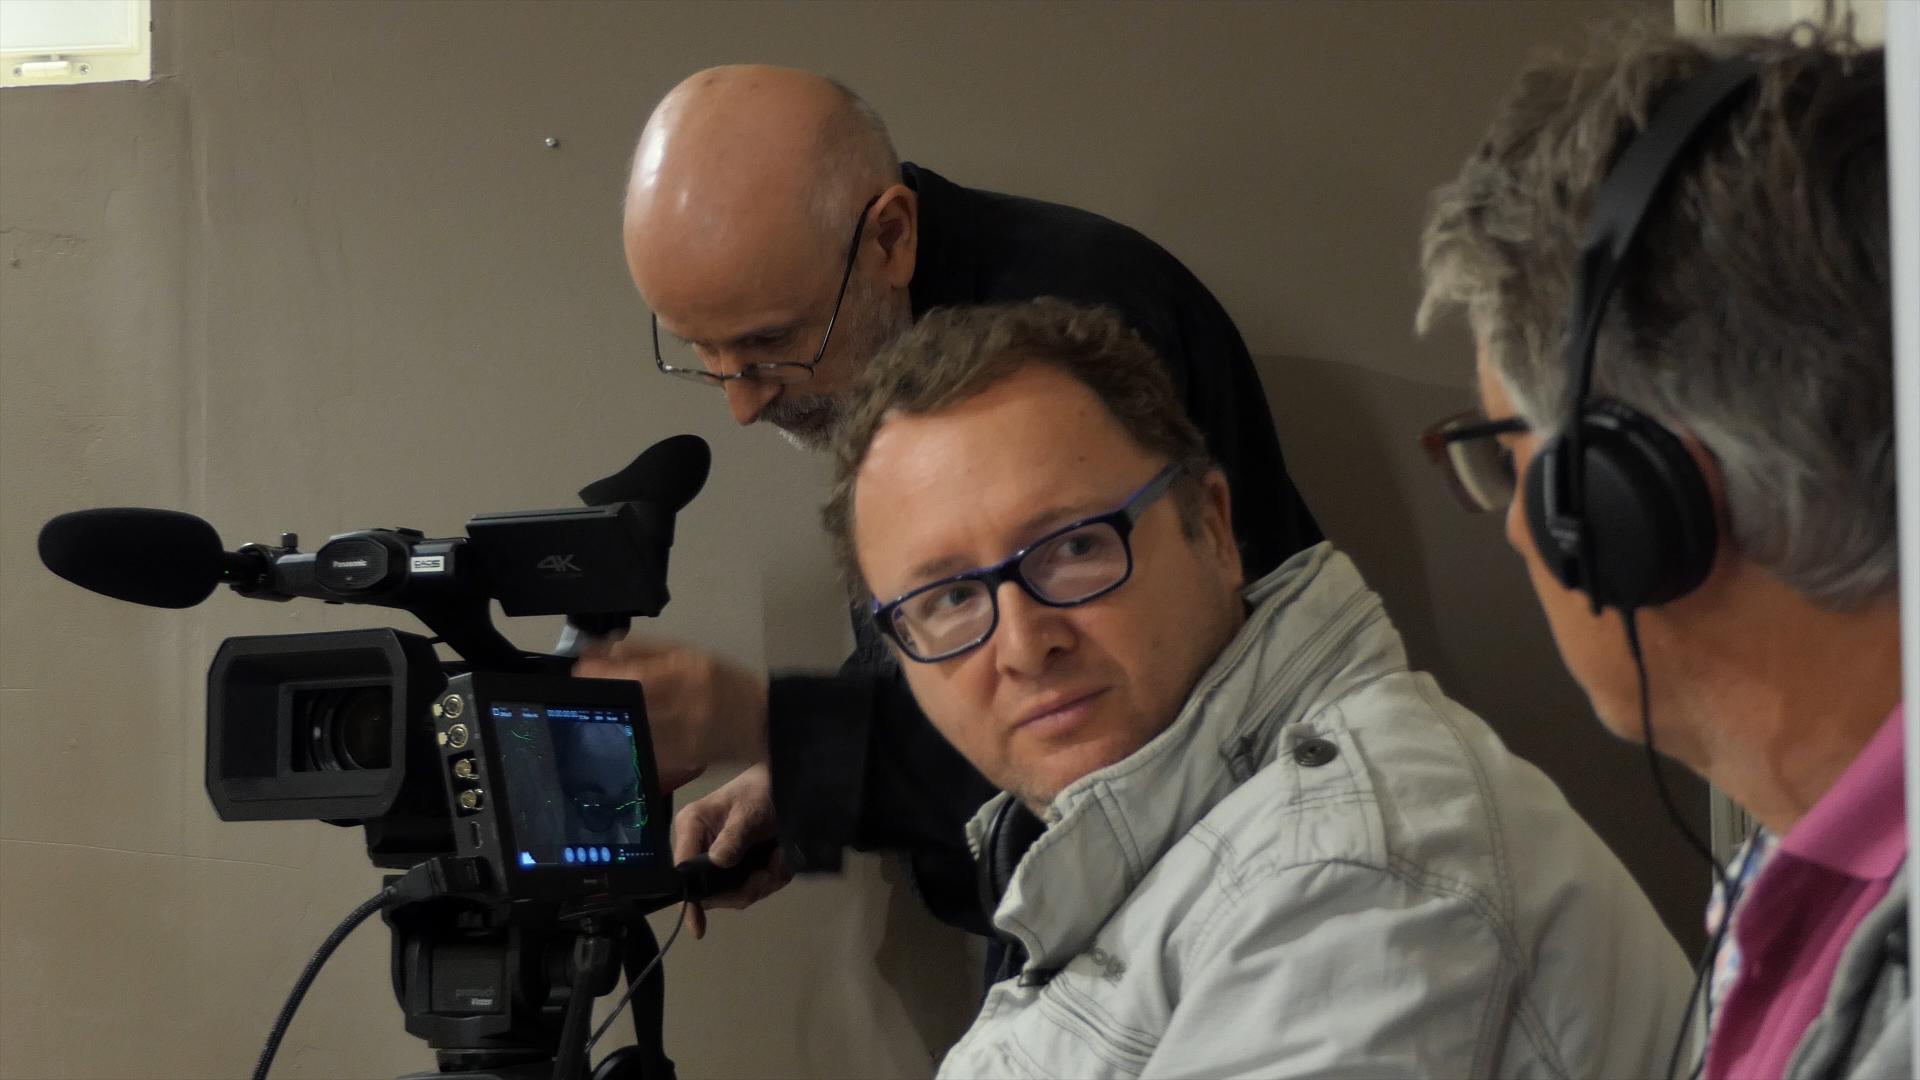 Tontons cadreurs tournage polar12